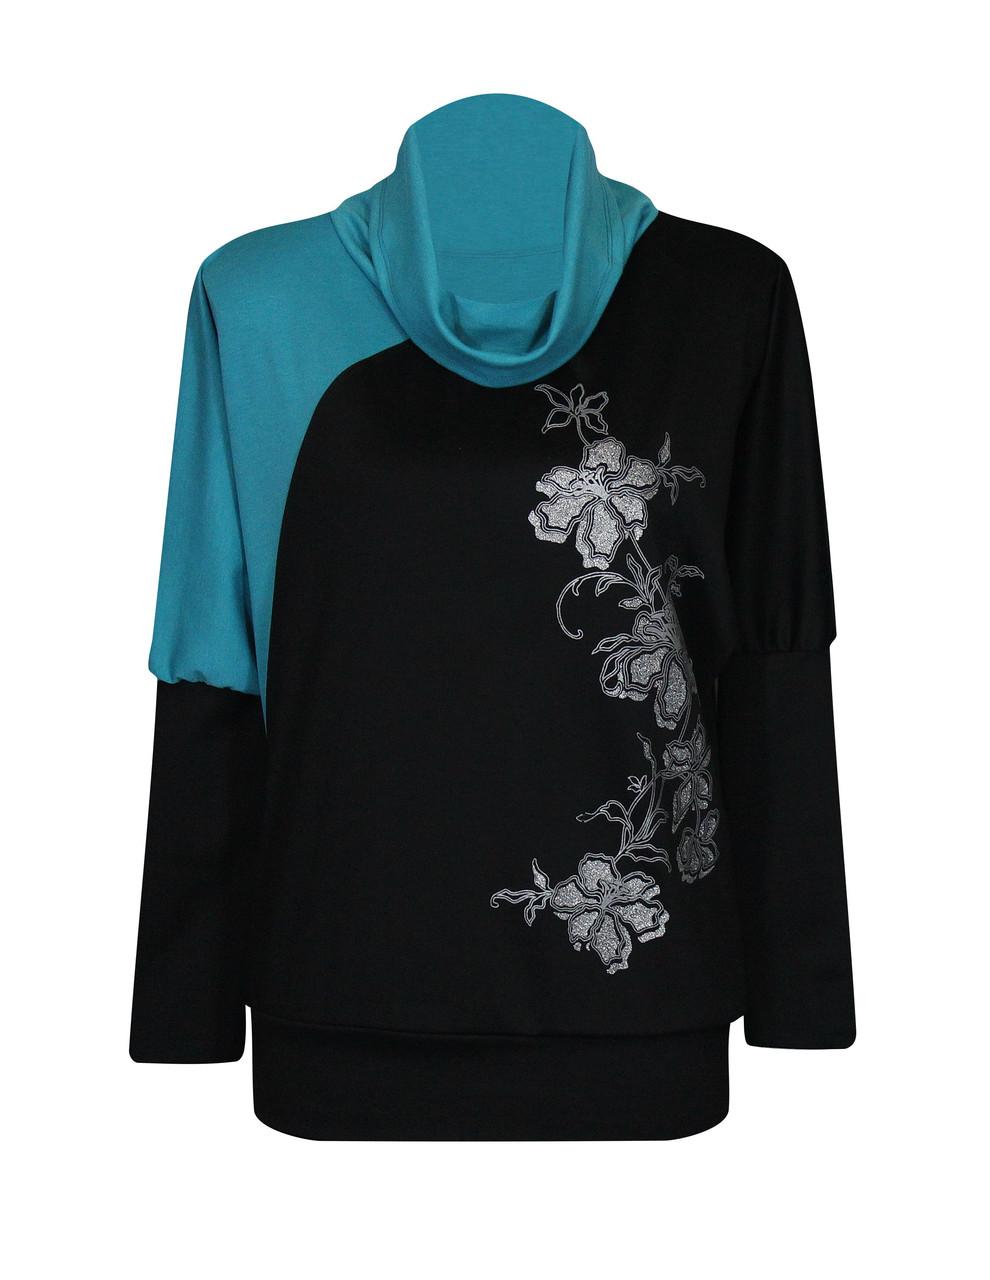 Цельнокроеная женская кофта для полных со вставкой цвета морской волны